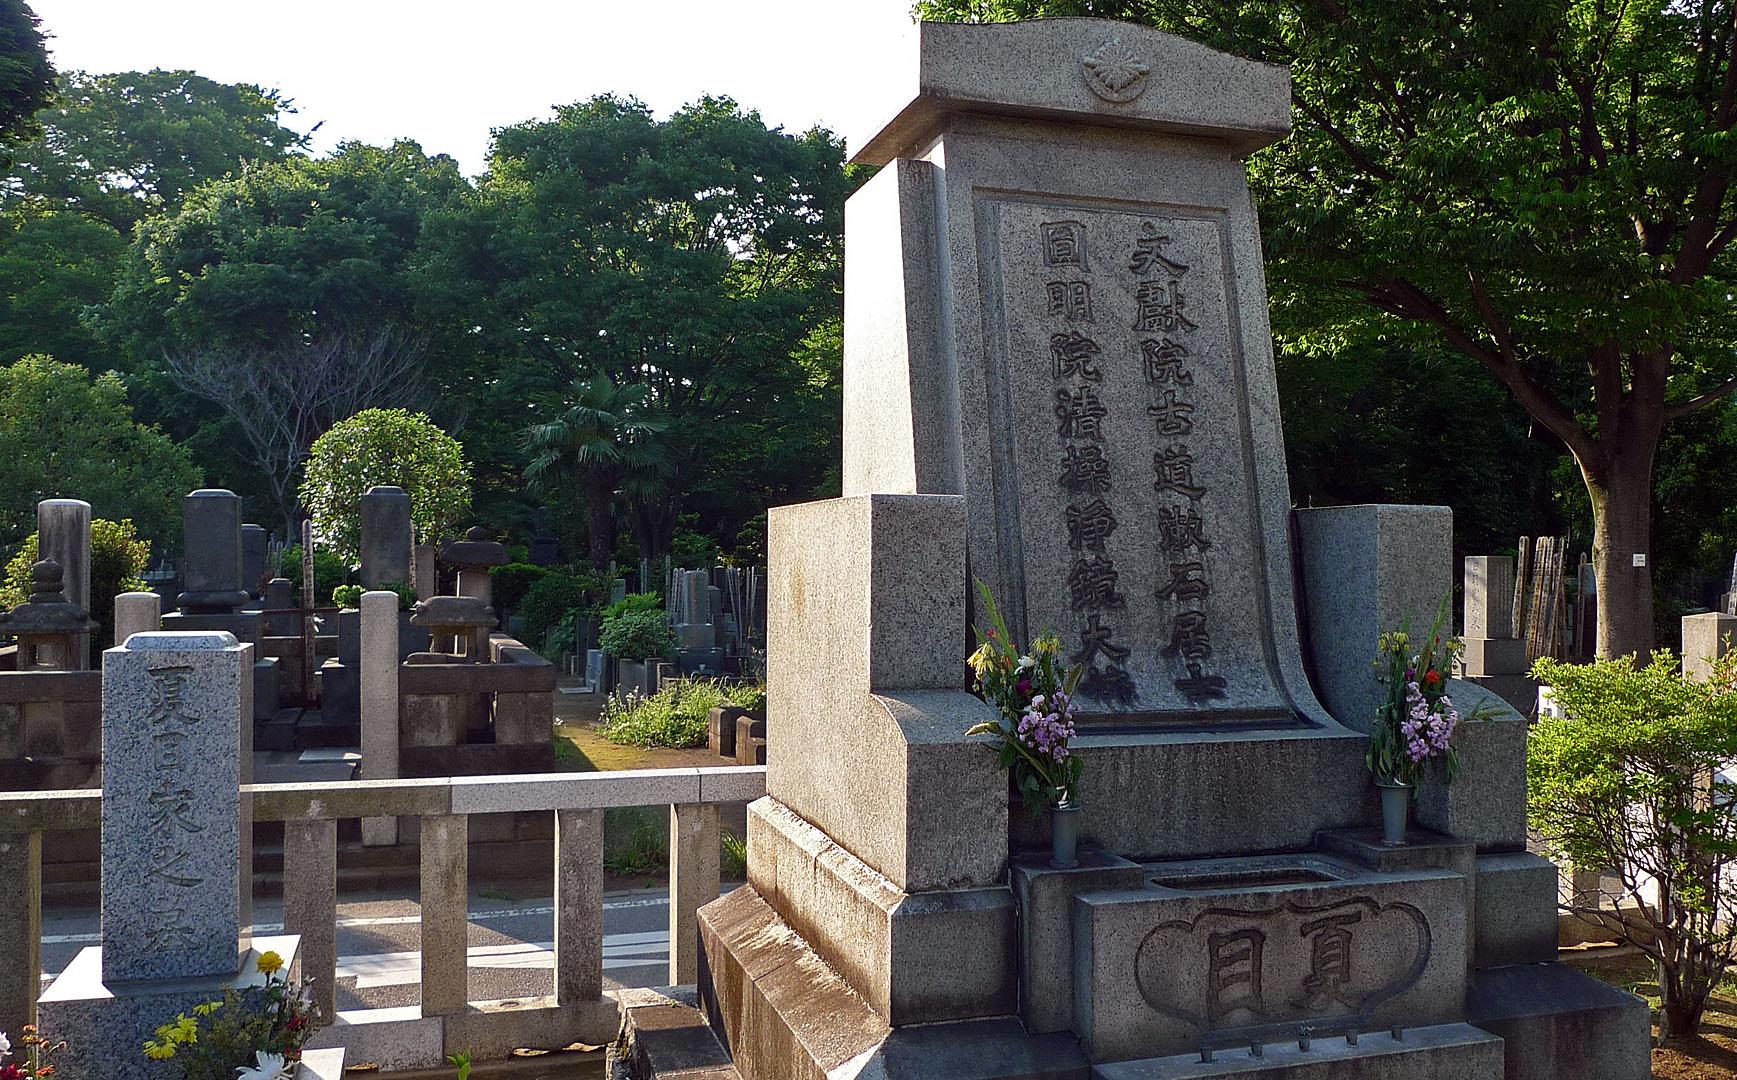 Natsume Soseki grave